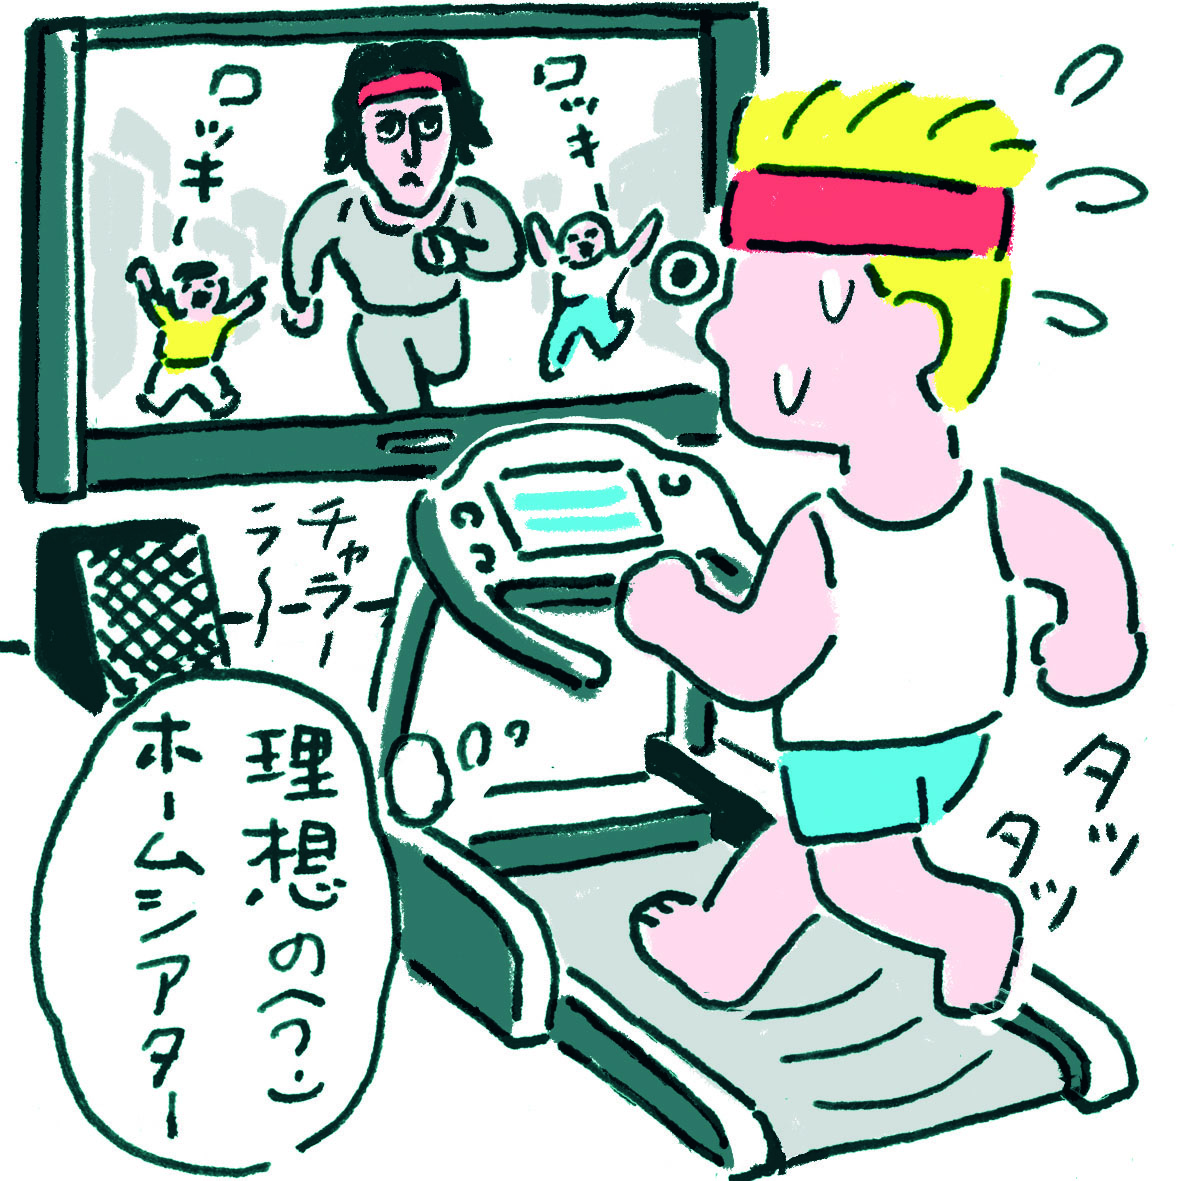 運動はした方がいいの?